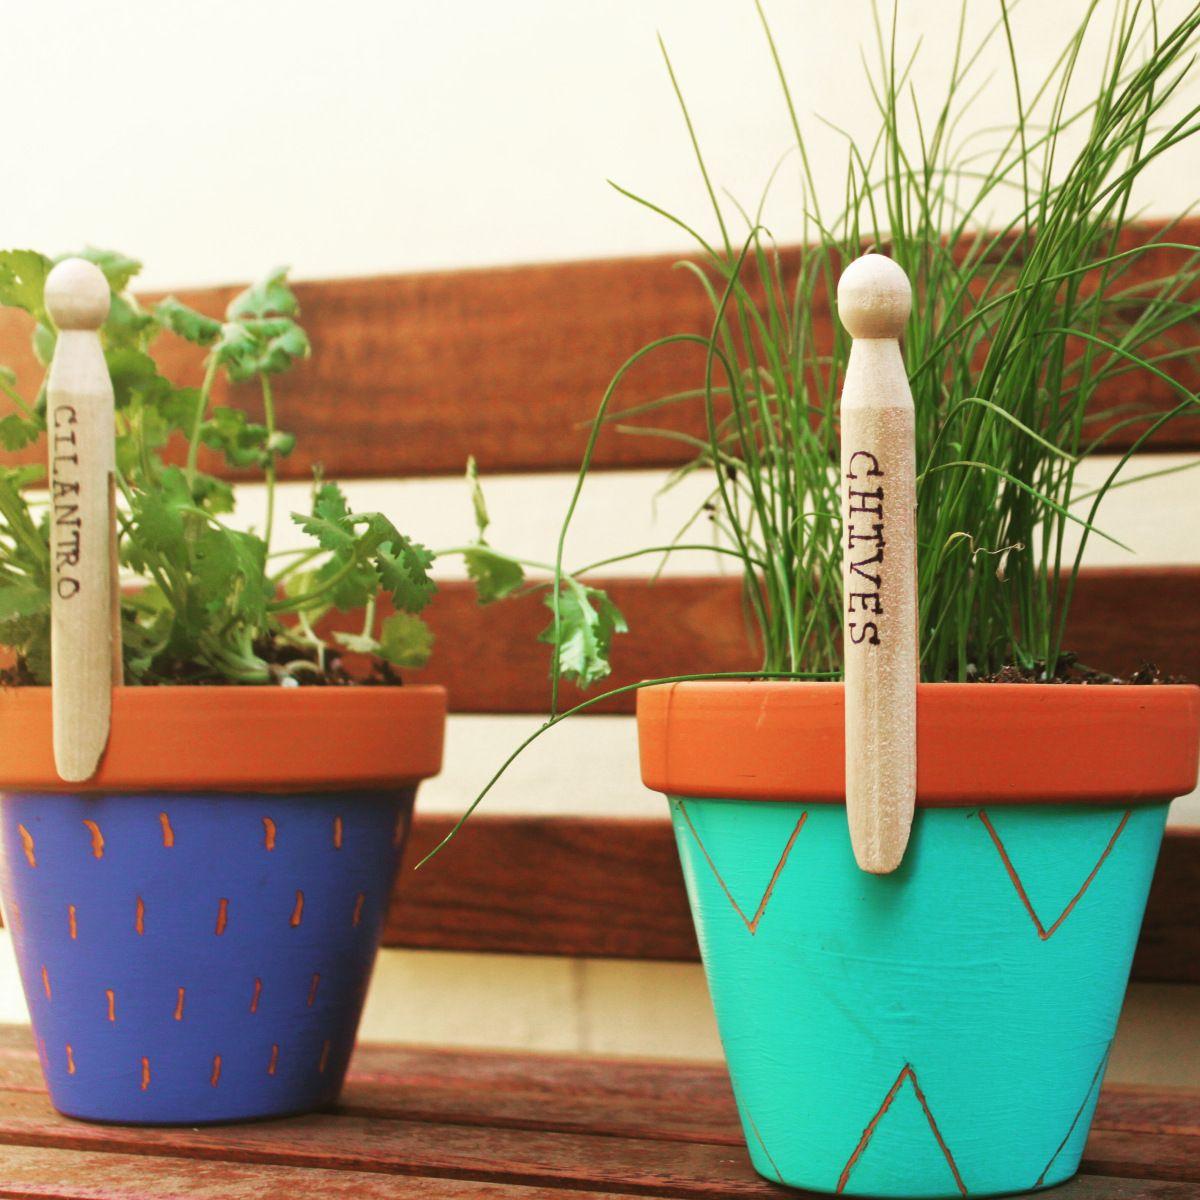 Affordable Backyard Vegetable Garden Designs Ideas 55: DIY Garden Labels : 5 Easy & Inexpensive Ideas For Urban